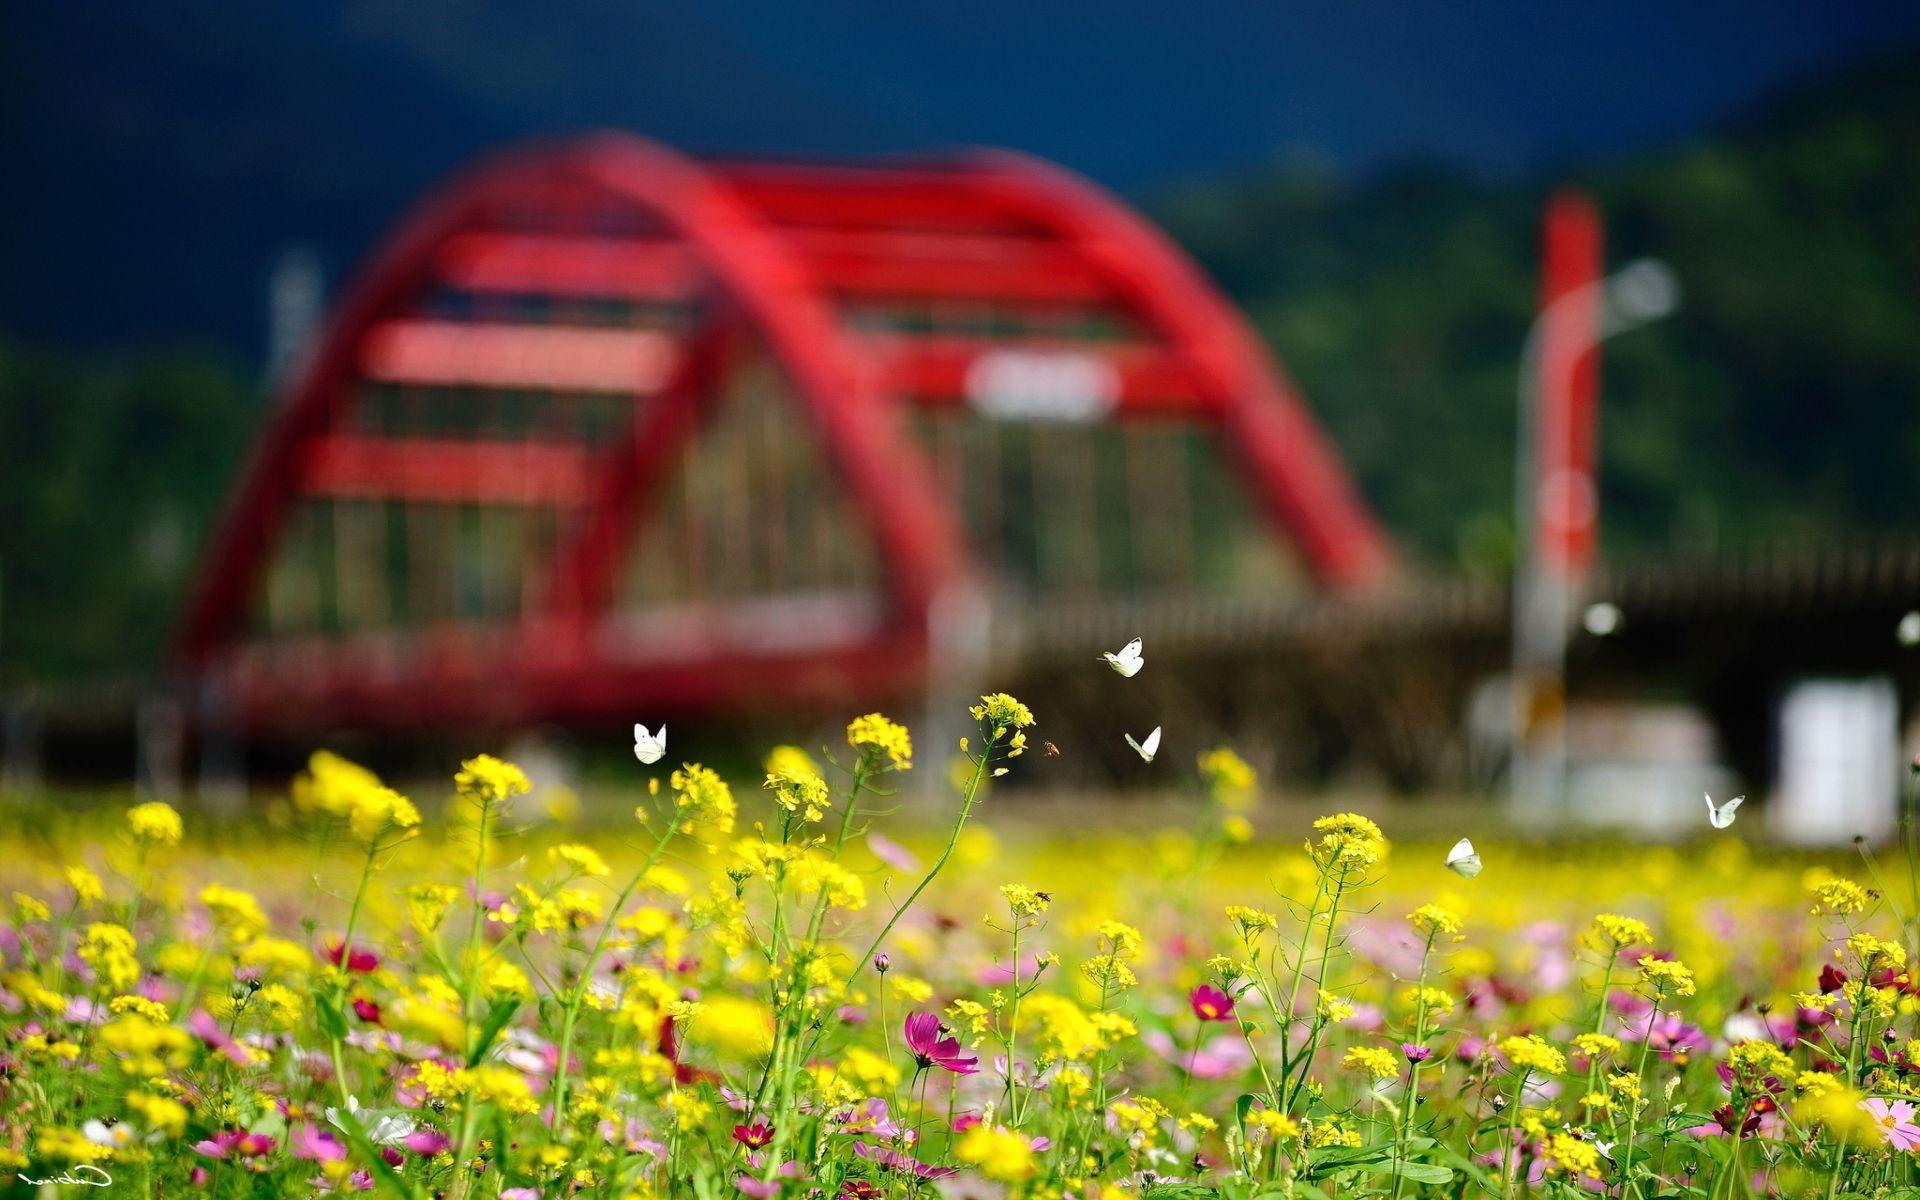 Hoa và bướm mùa hè 1920x1200 - Hình nền 1920x1200 - teahub.io